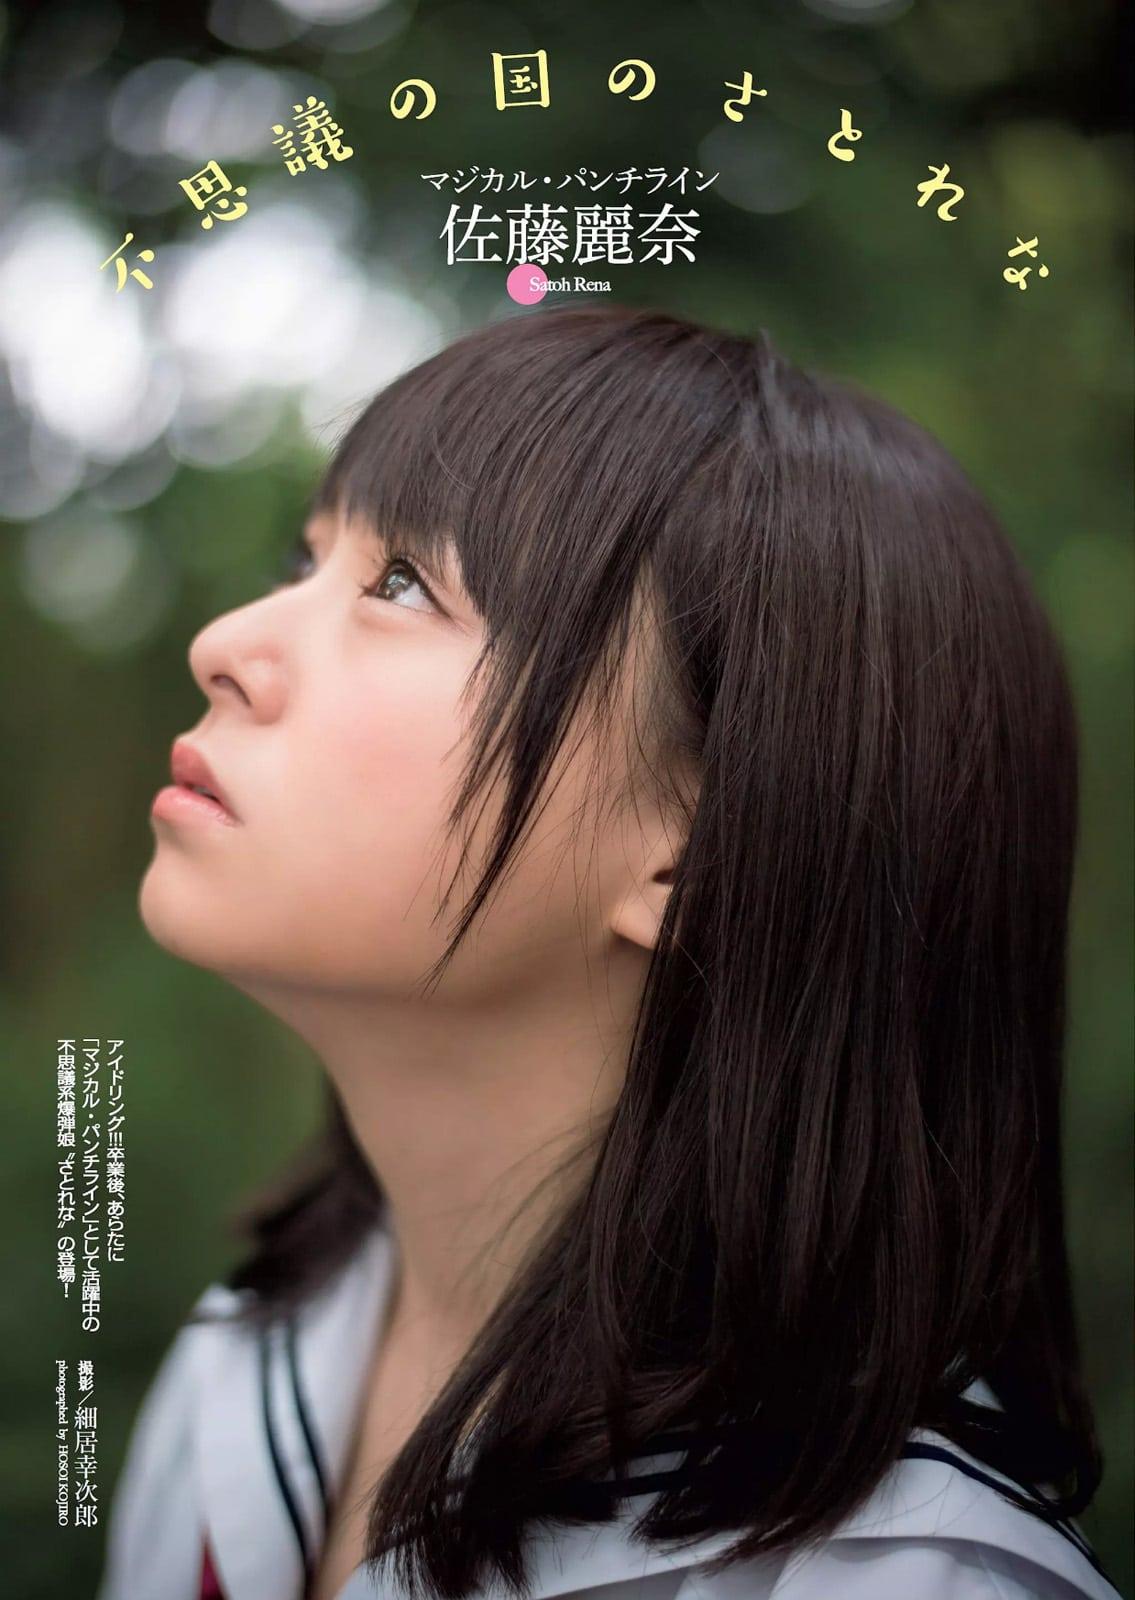 「週刊プレイボーイ 2016 No.36」佐藤麗奈のグラビア